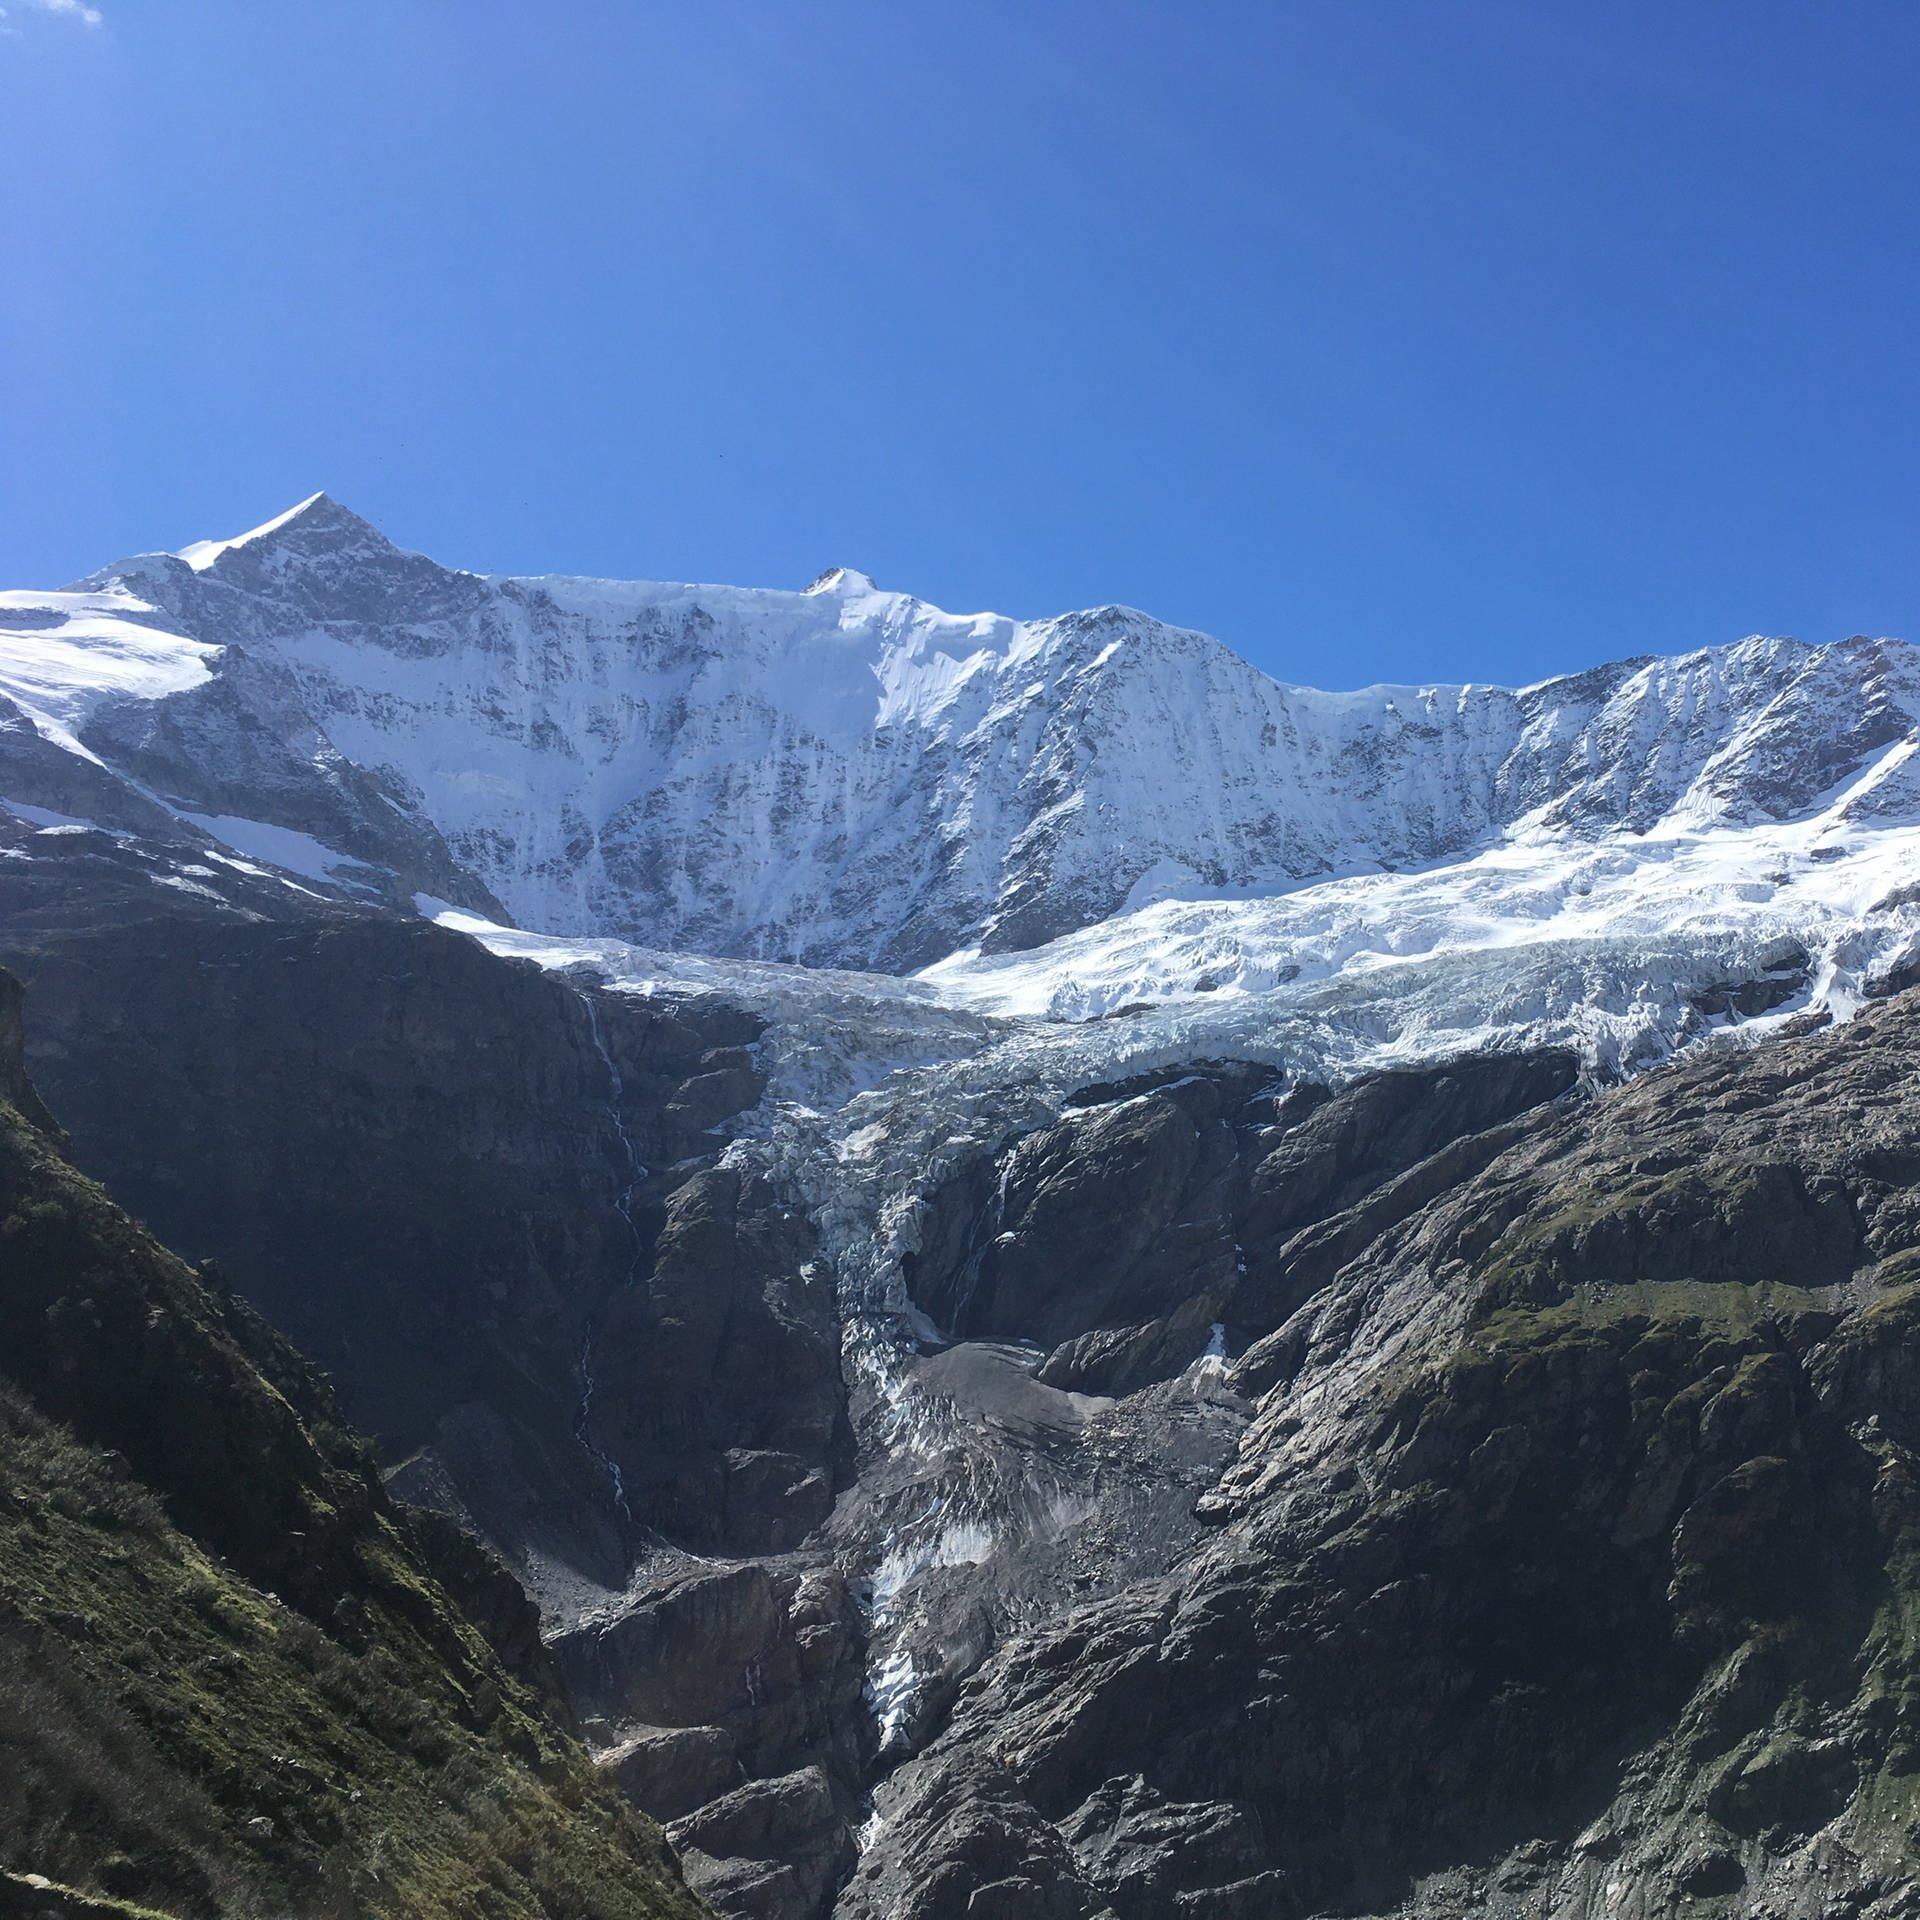 Das Sterben der Gletscher – Schmelzende Landschaften